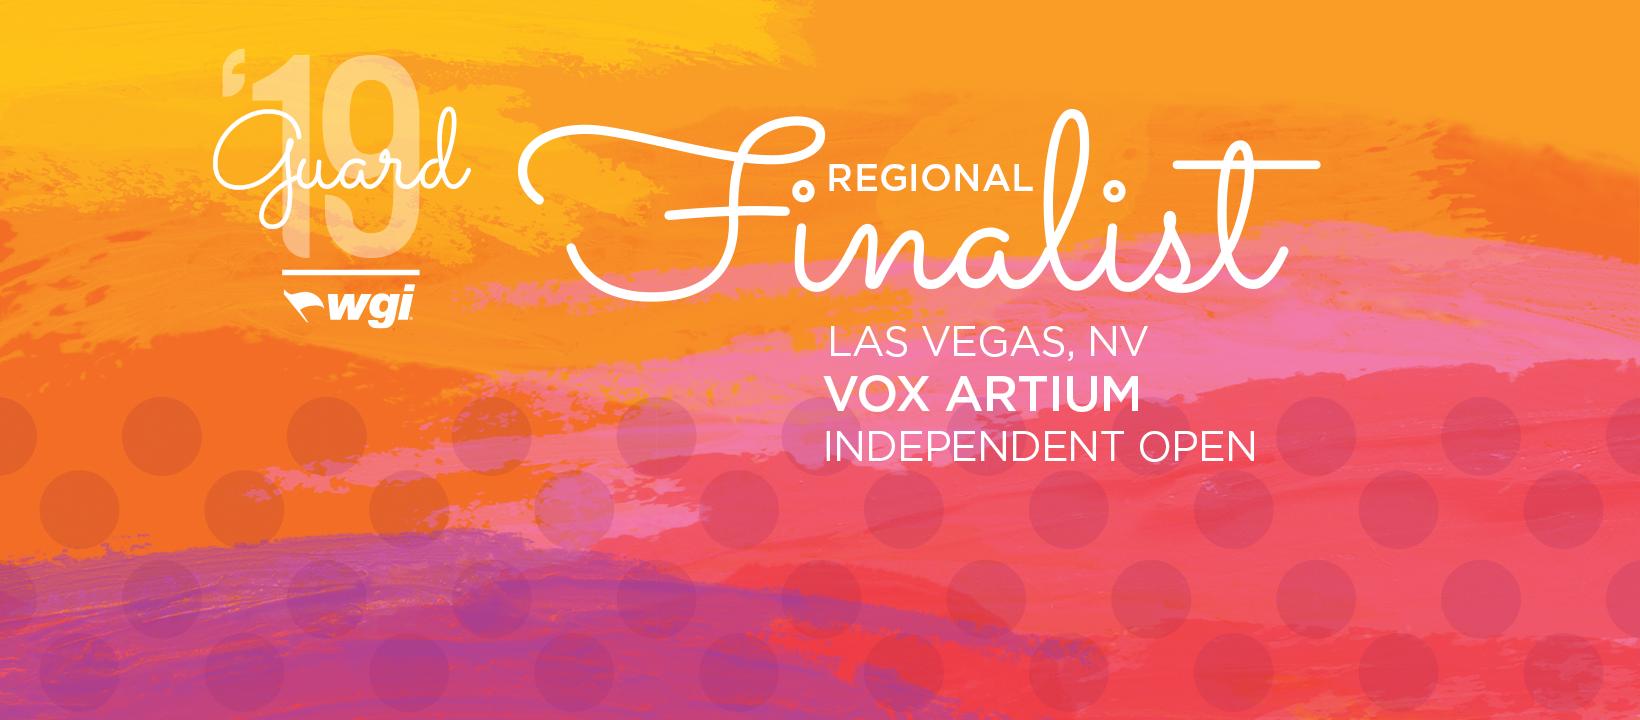 Vox Artium 2.png